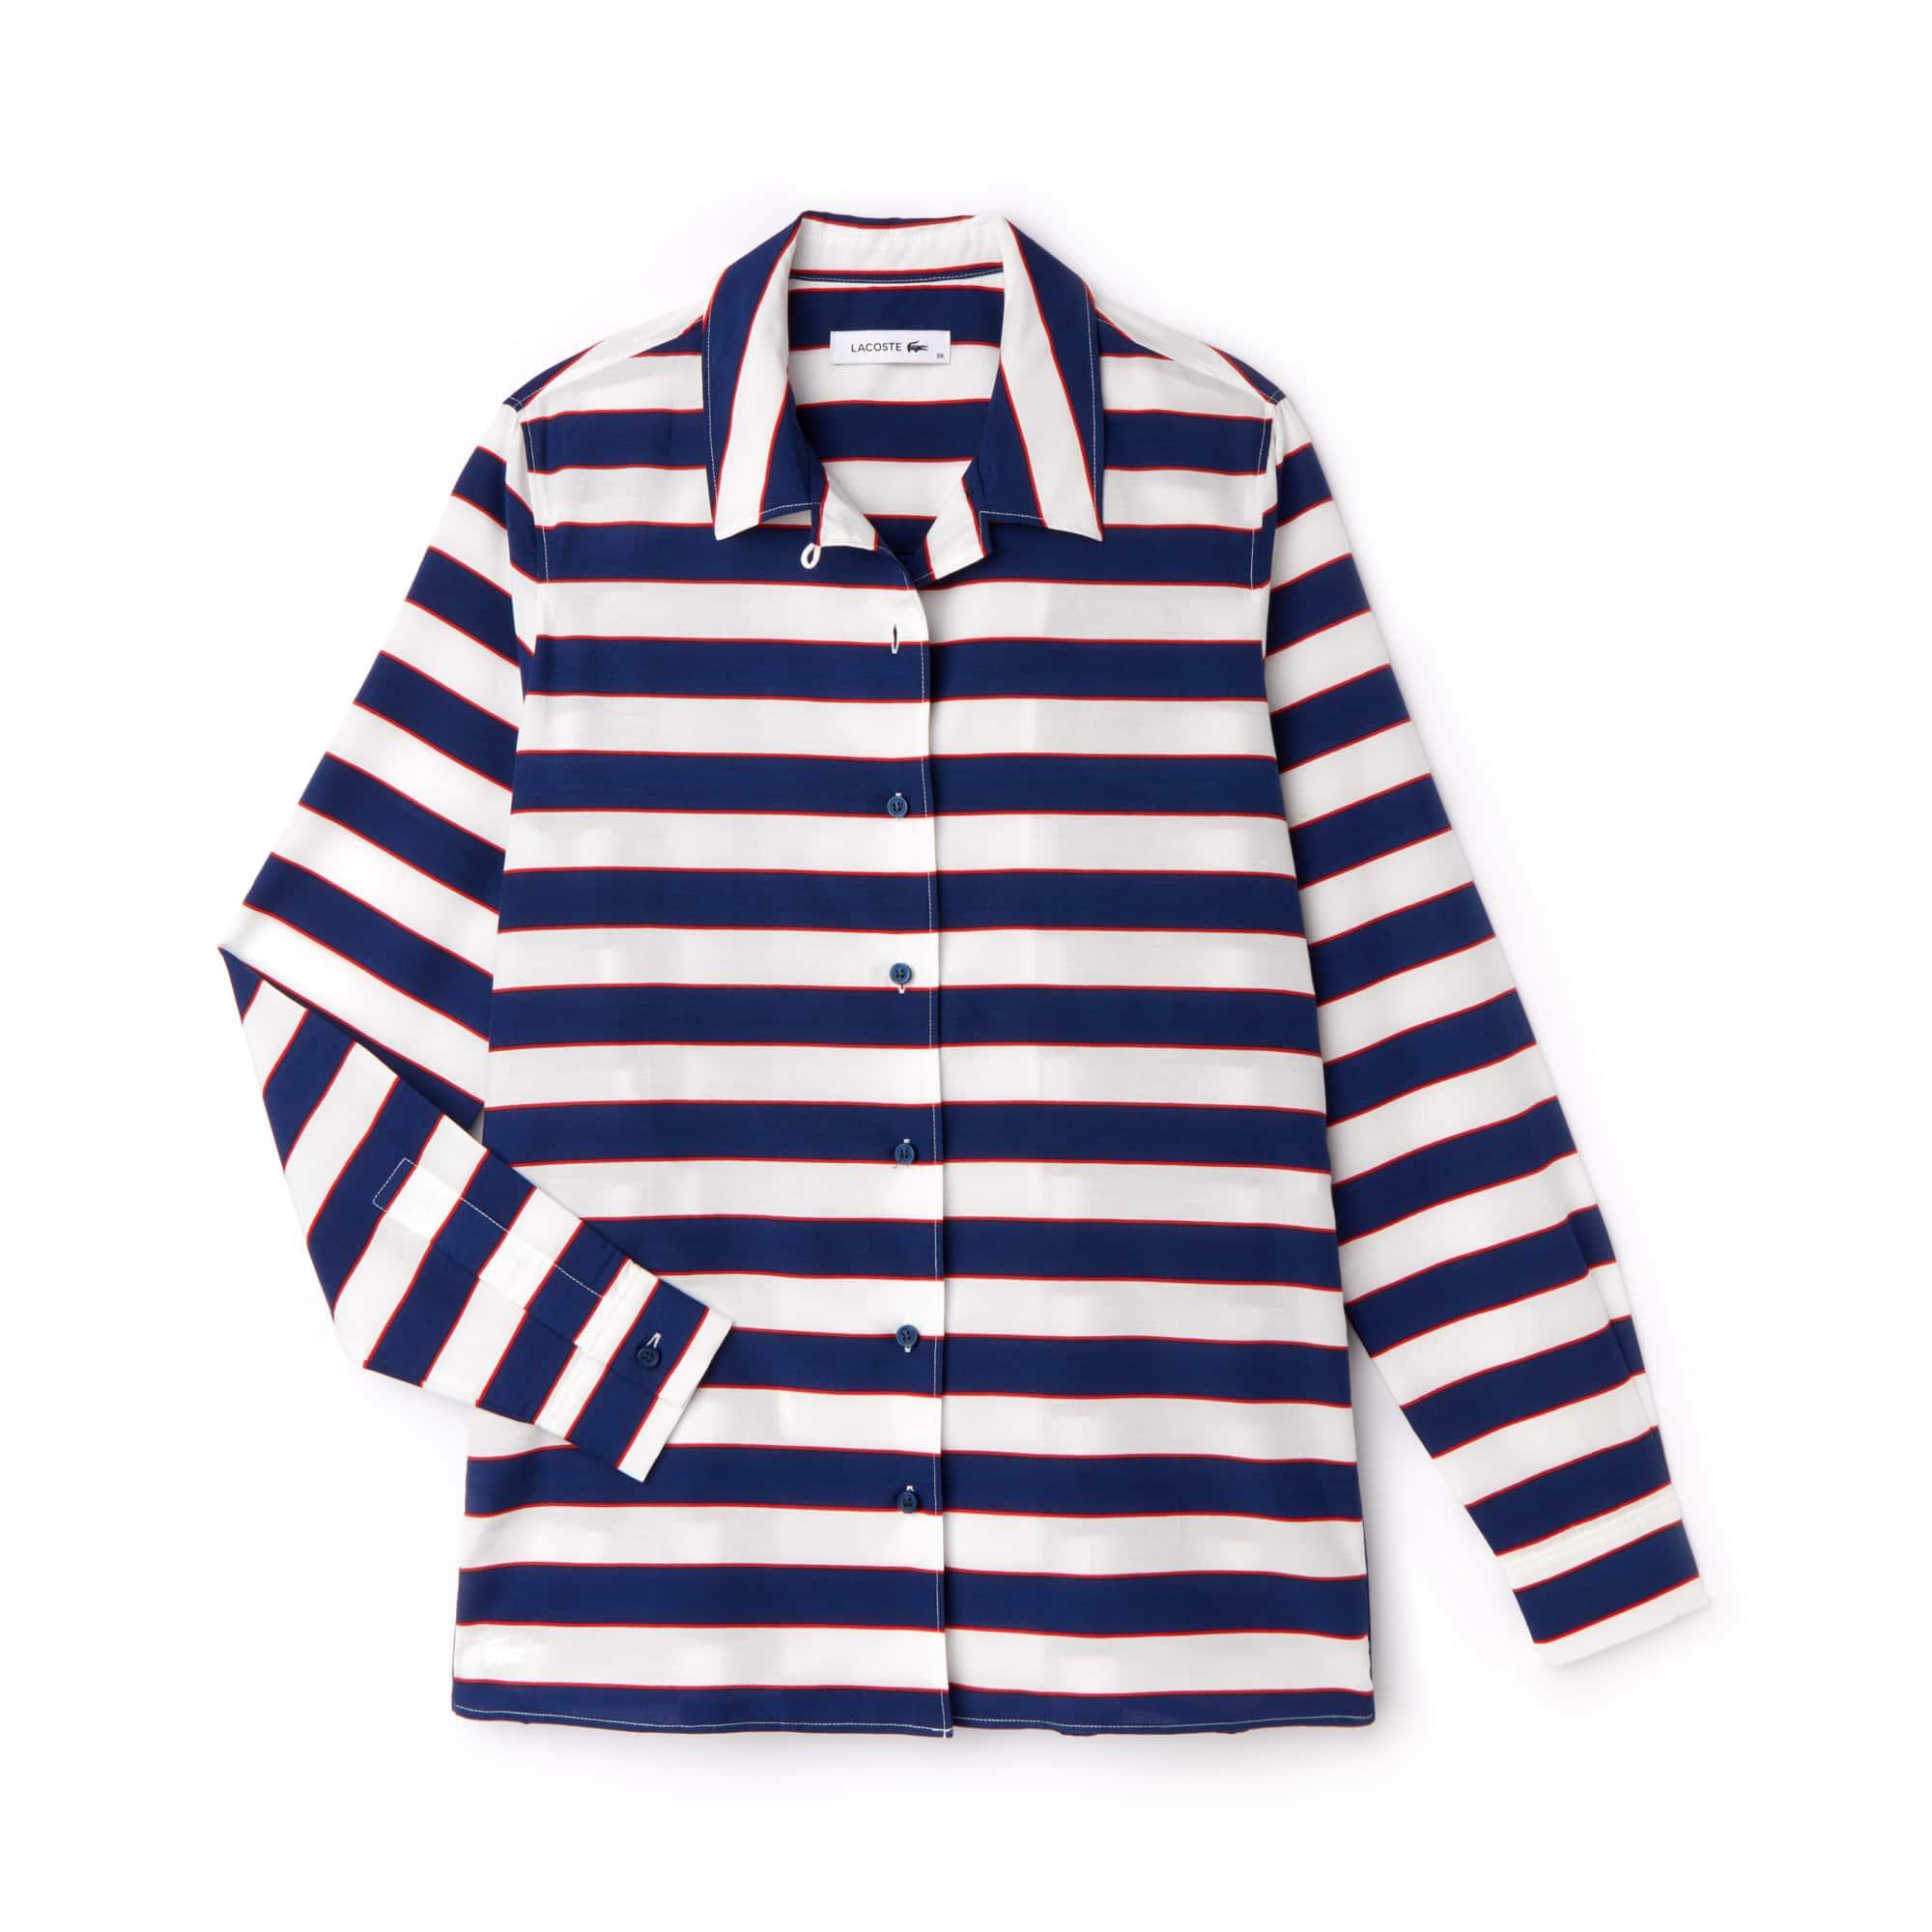 Damen Regular Fit gestreifte Voile-Bluse aus Baumwolle und Seide